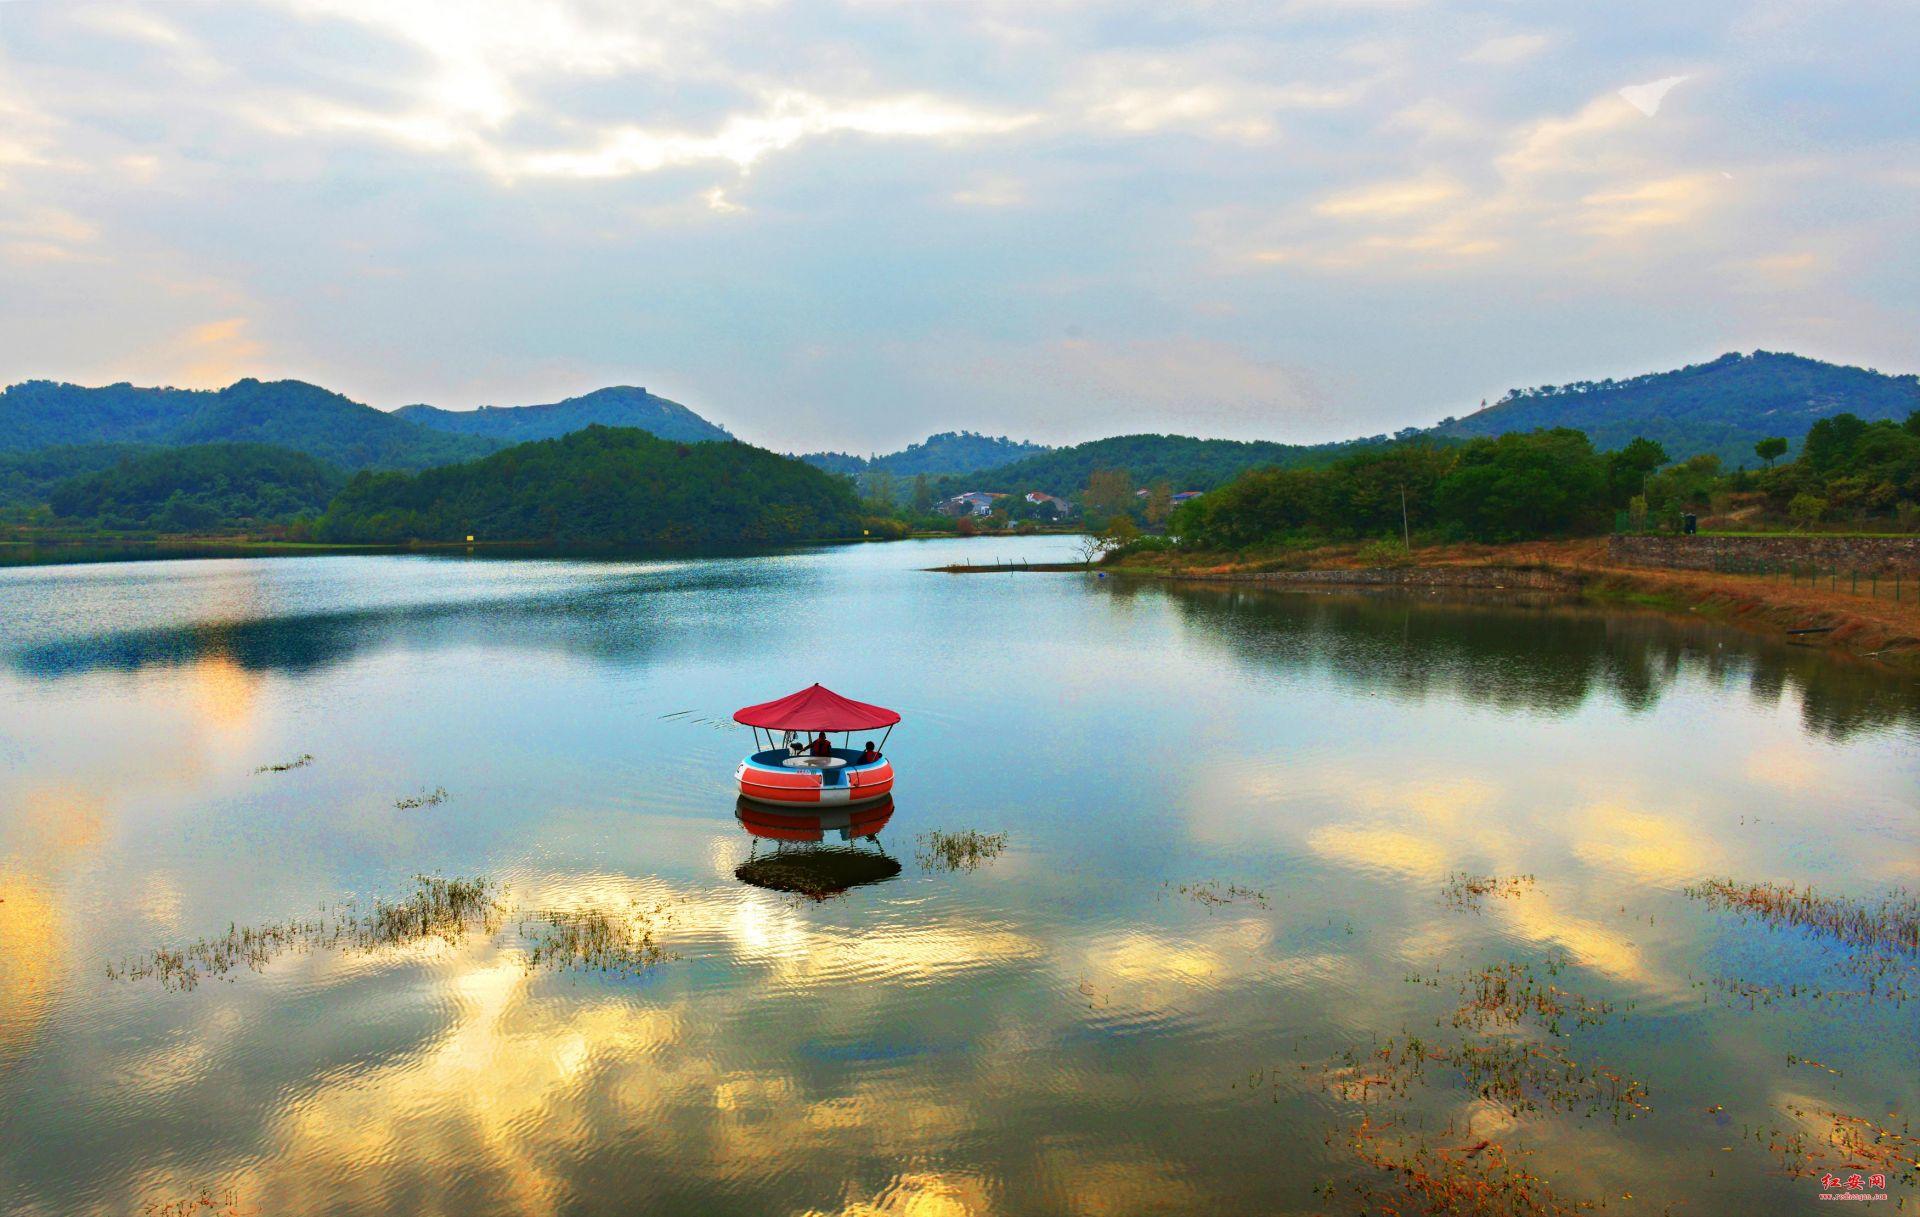 夕映帝王湖